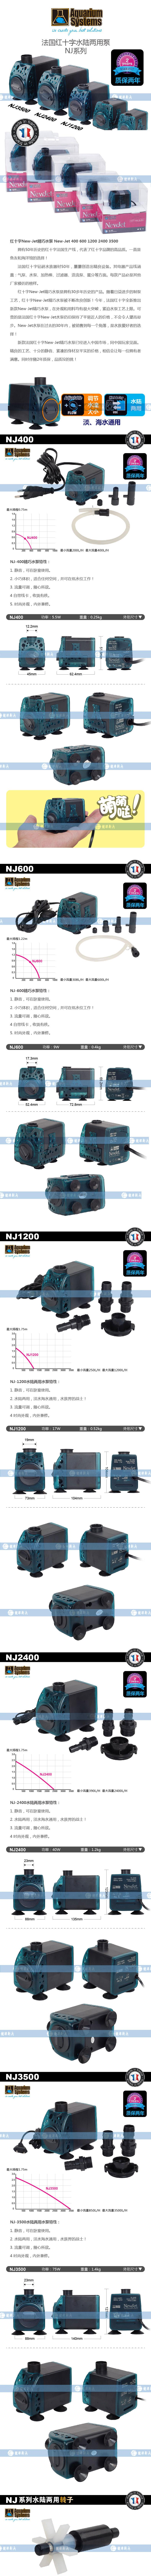 法国红十字上水泵-法红主循环泵-鱼缸主泵-NJ1200-NJ2400-NJ3500.jpg